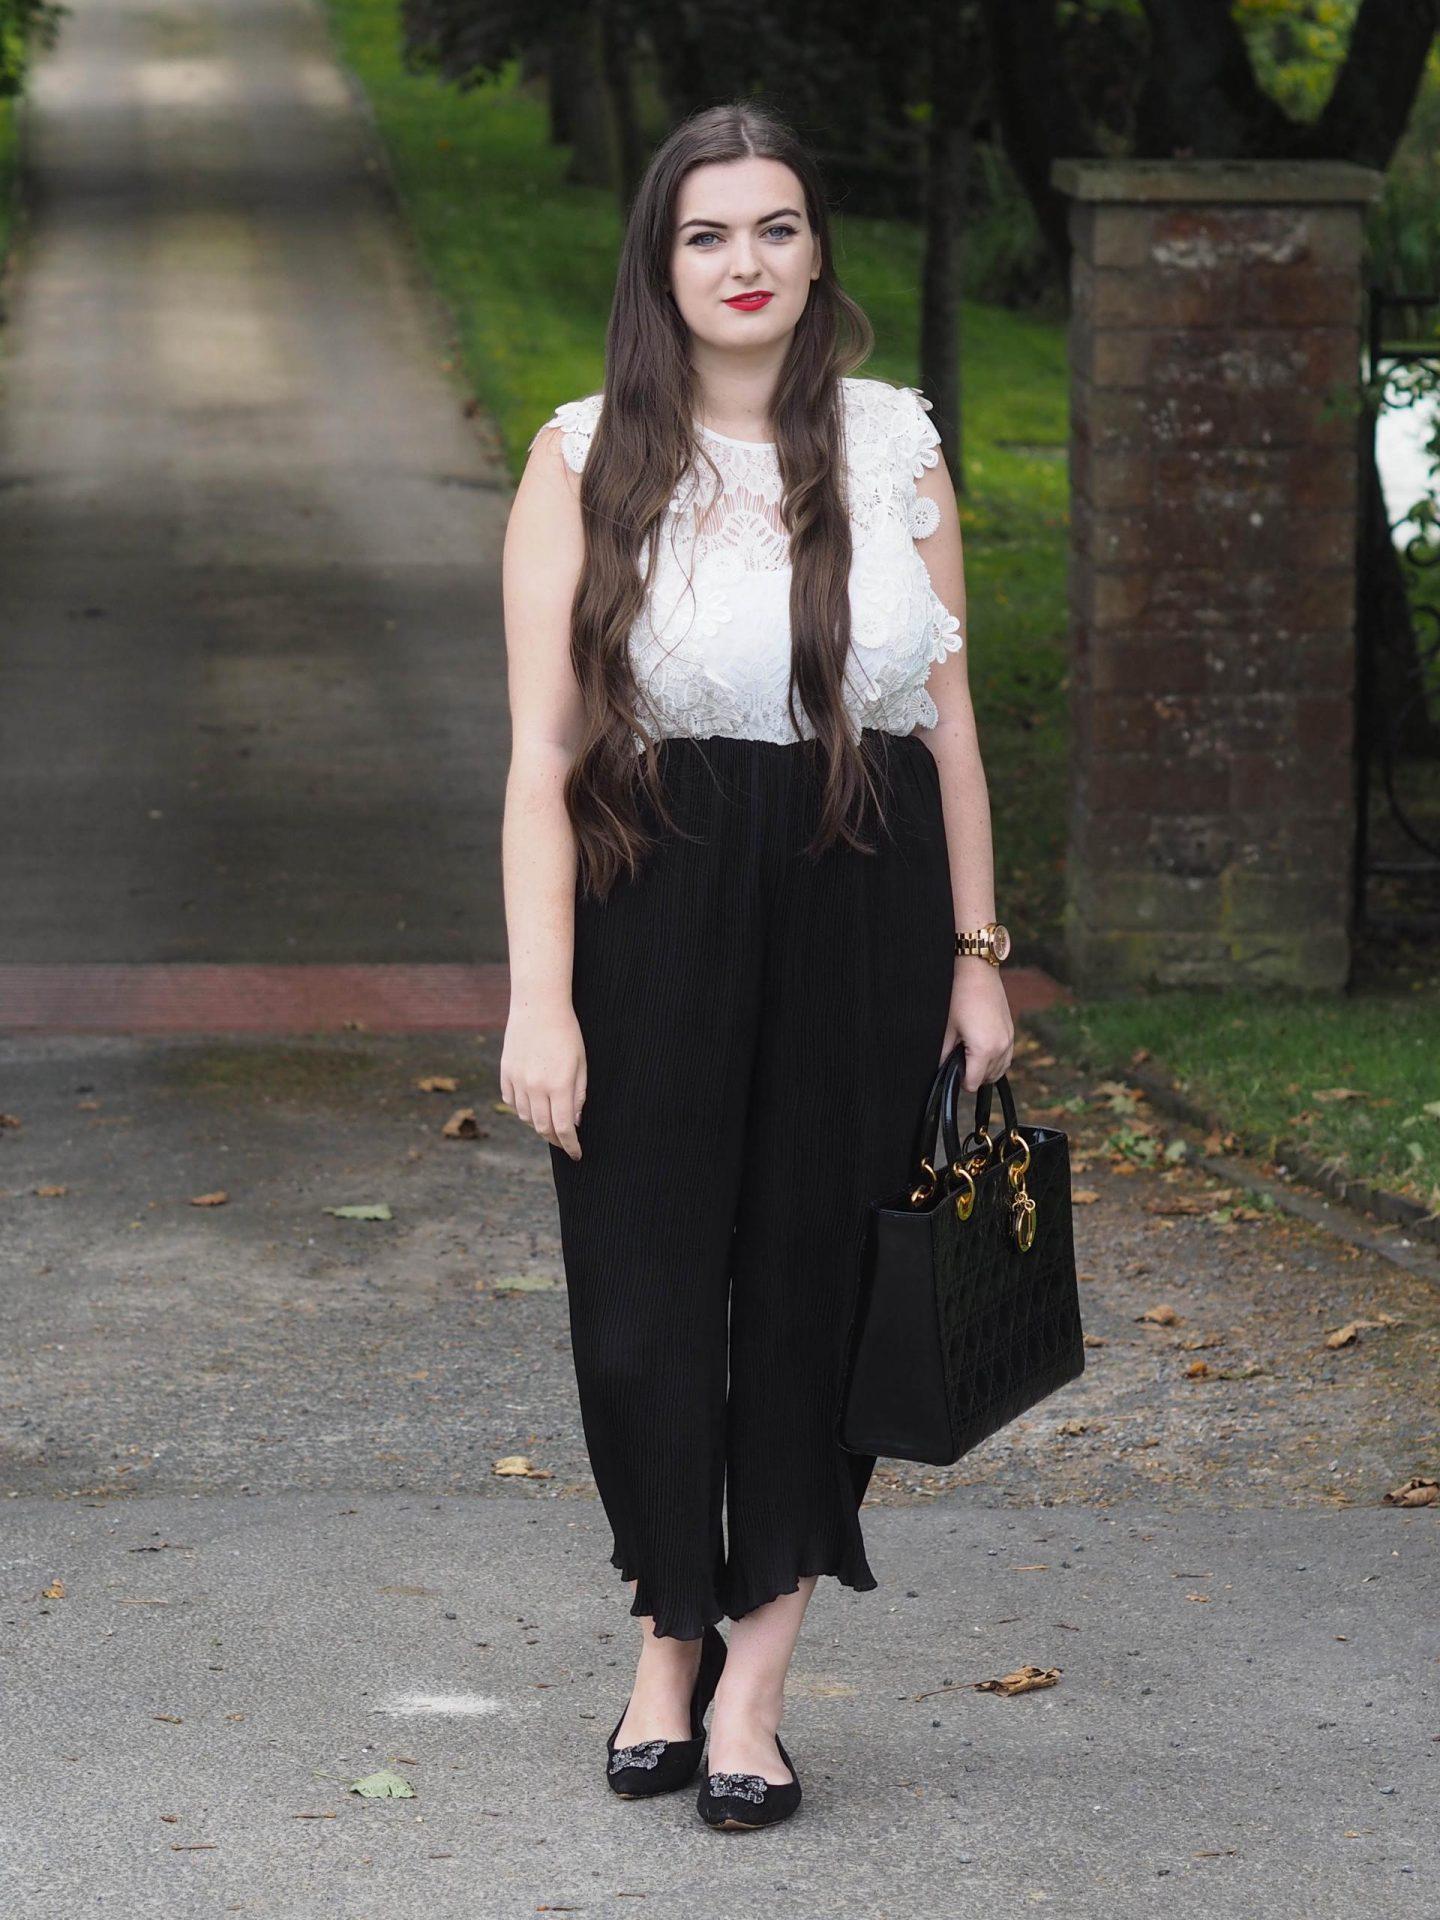 the-delphine-jumpsuit-by-dahlia-rachel-nicole-uk-fashion-blogger